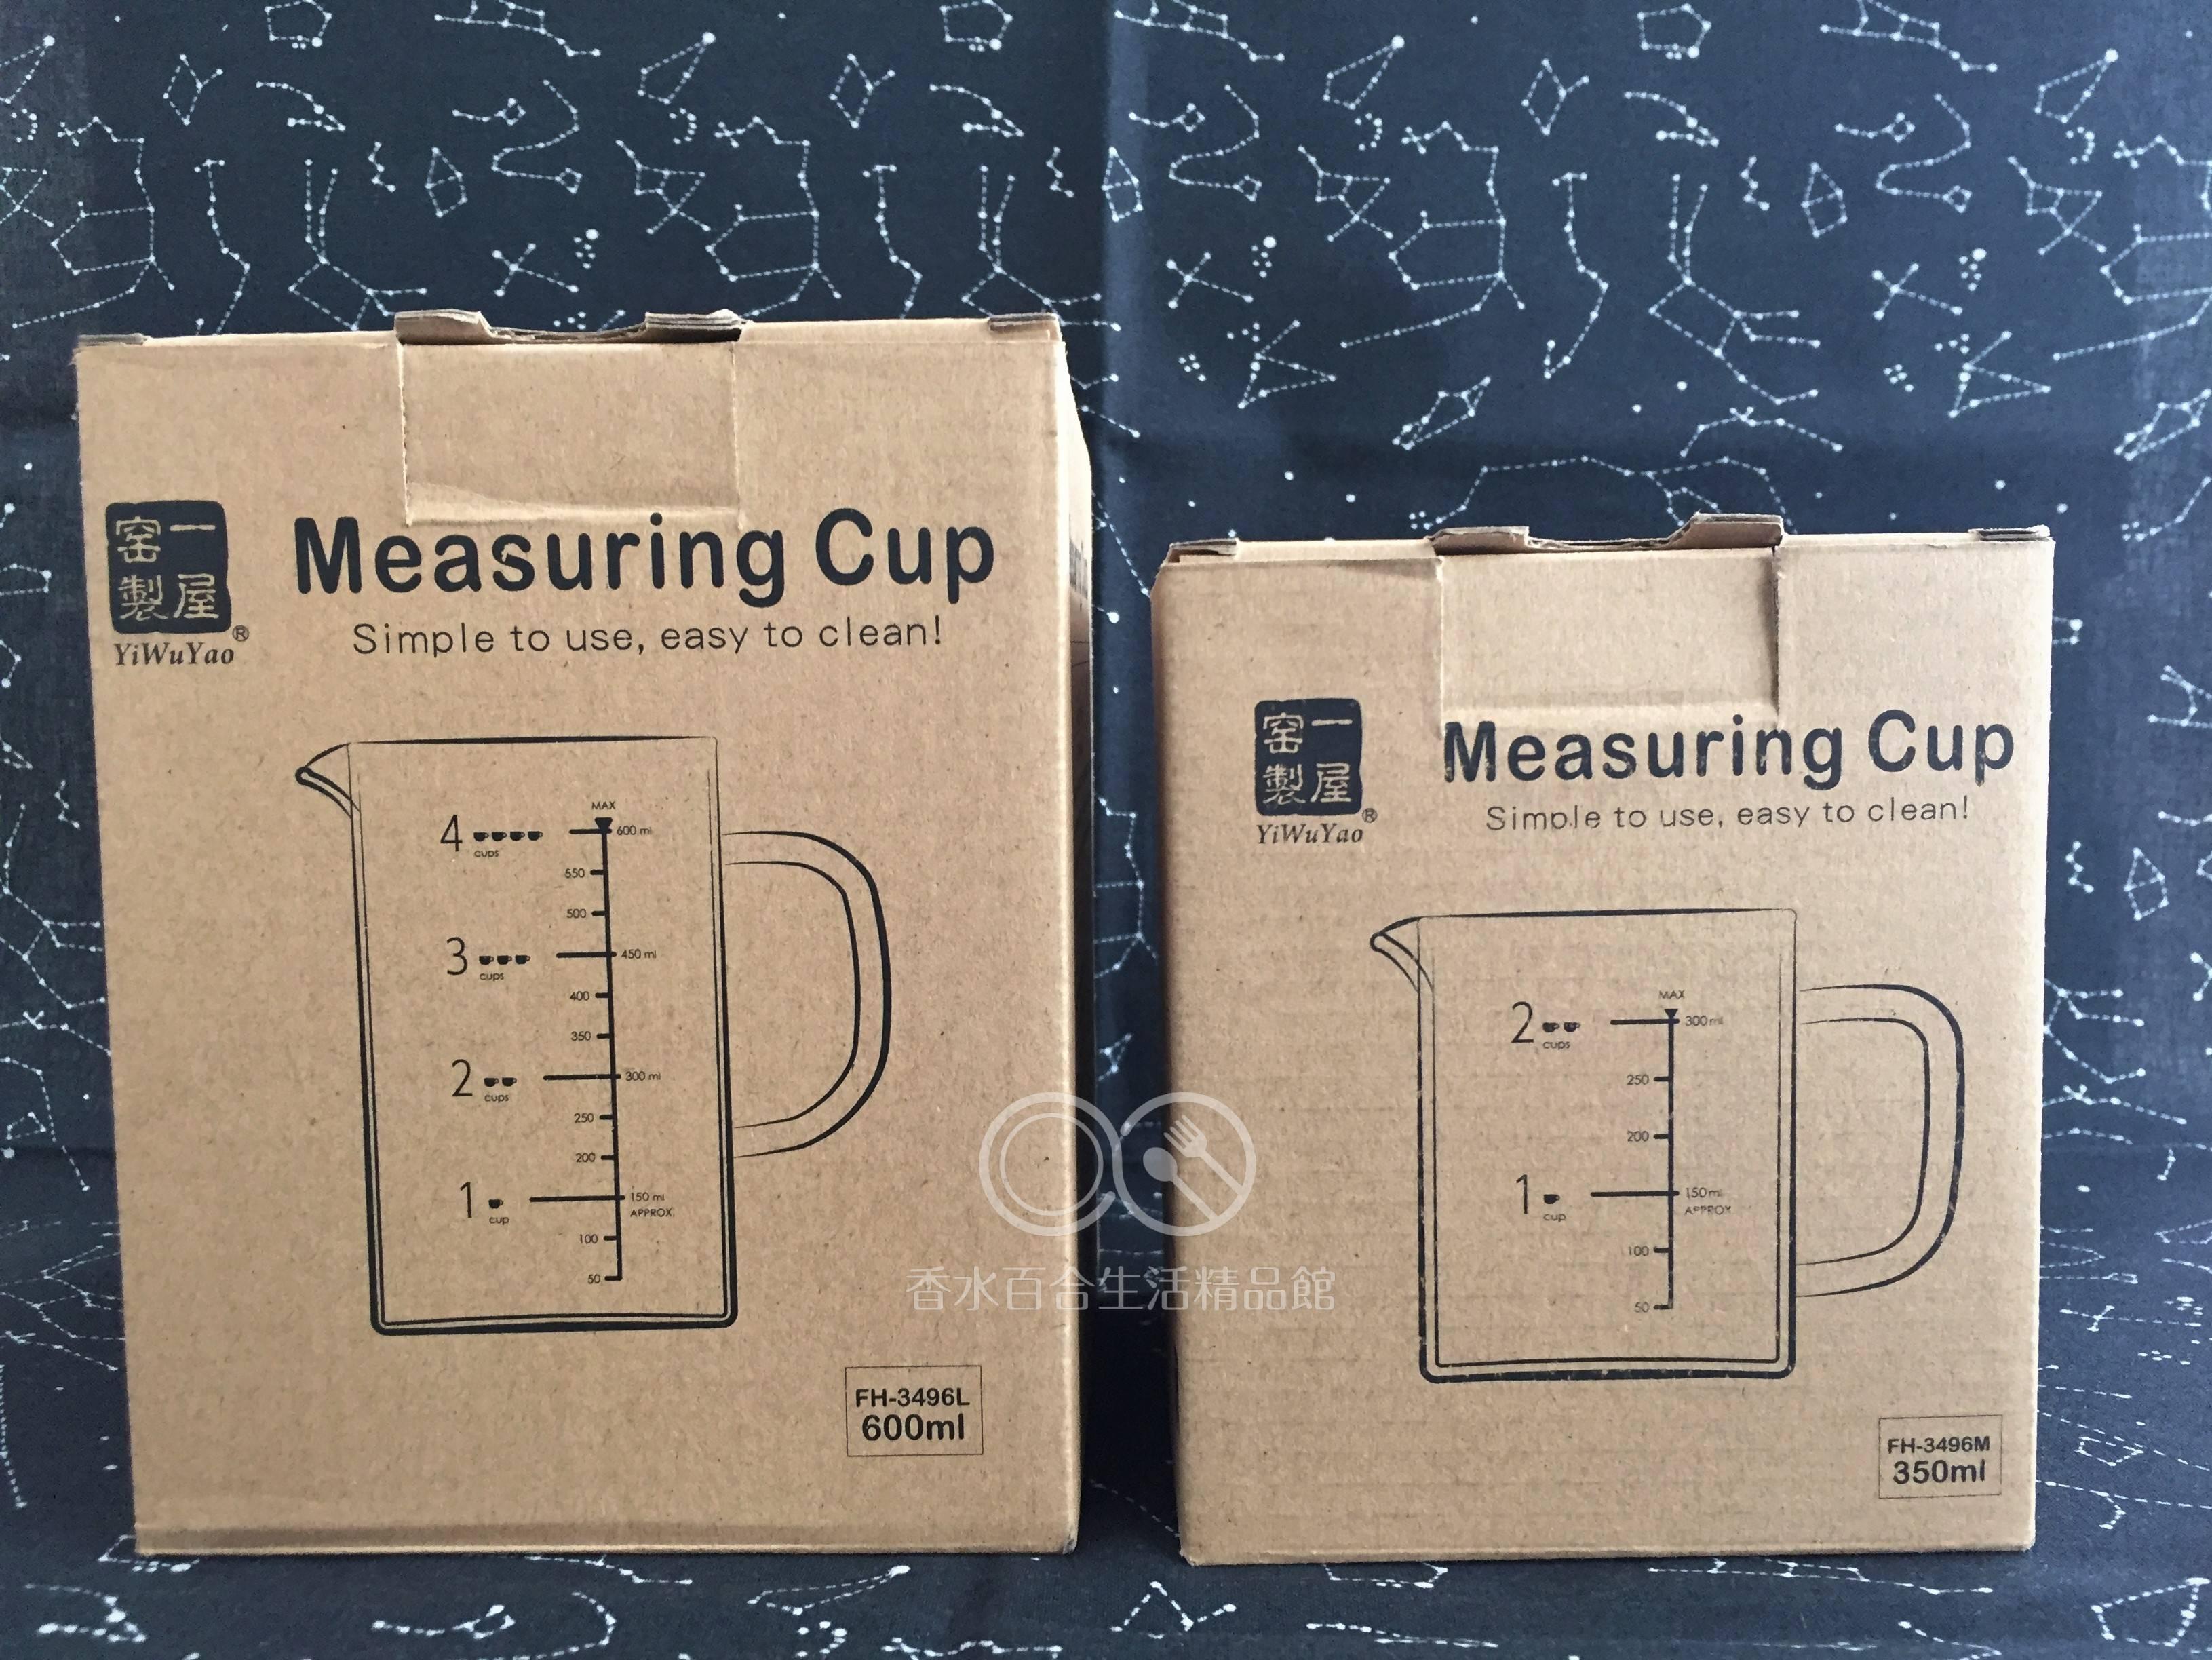 一屋窯耐熱玻璃量杯 350ml 600ml 刻度量杯 咖啡量杯 把手量杯 烘焙量杯 公杯 玻璃拉花杯 料理量杯 拉花缸